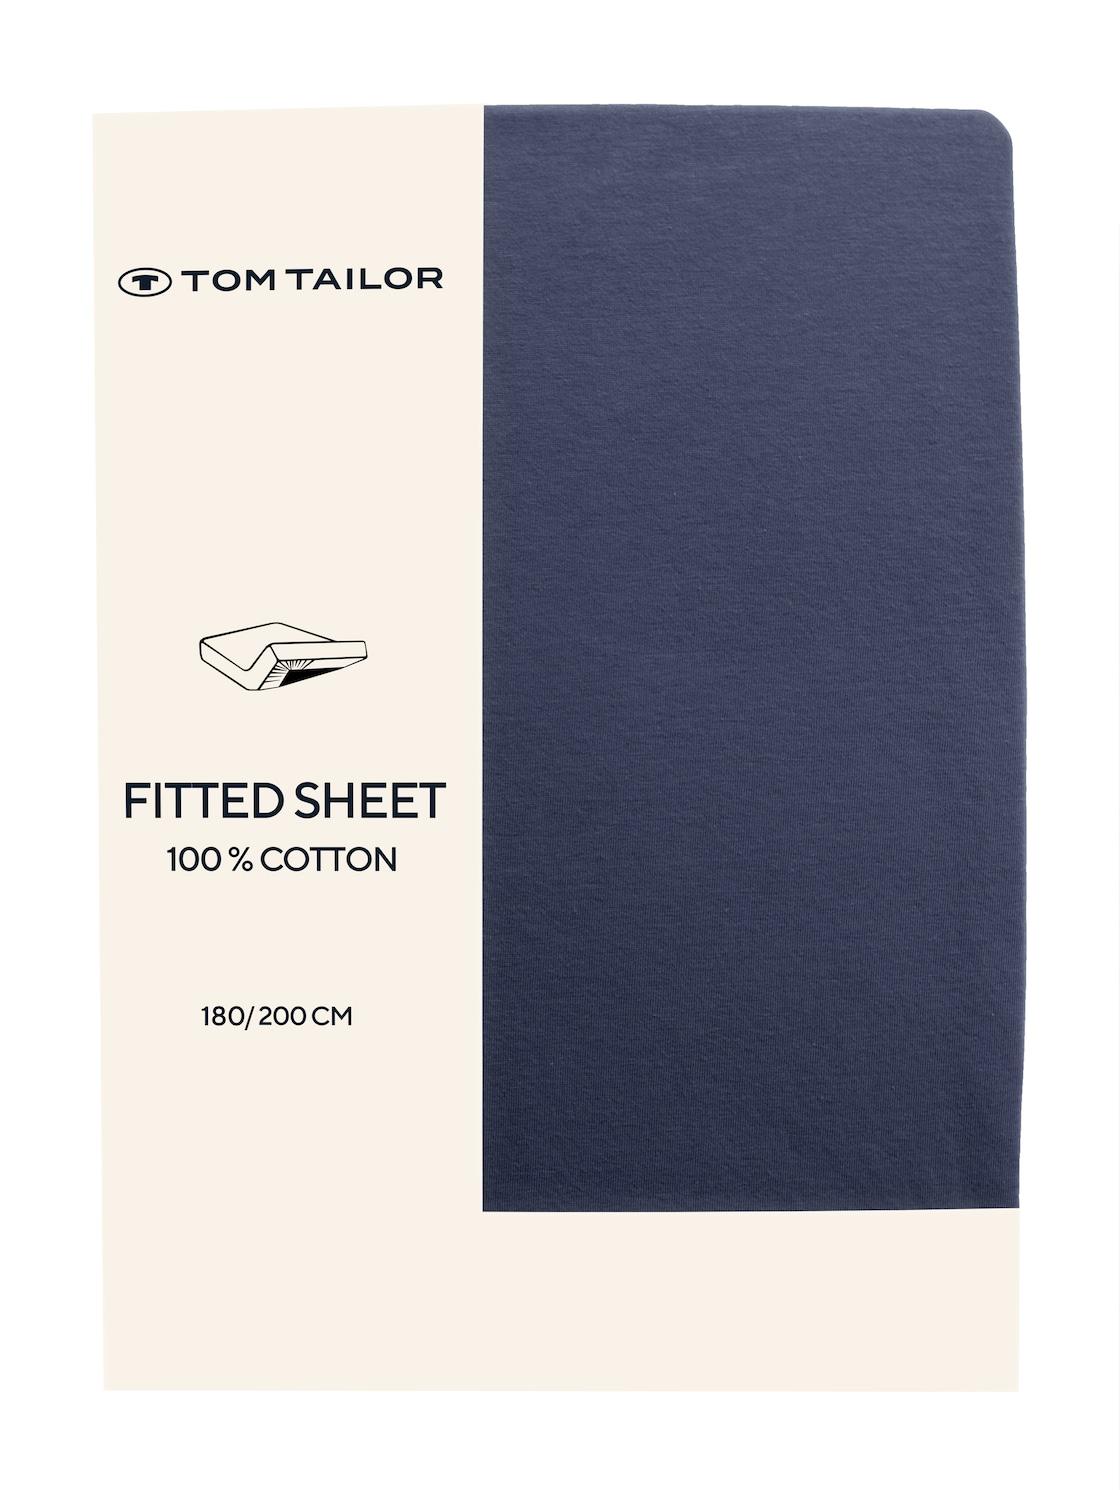 TOM TAILOR TOM TAILOR Unisex Spannbettlaken aus Jersey,  indigo / D, Größe: 180/200, blau, unifarben, Gr 180/200